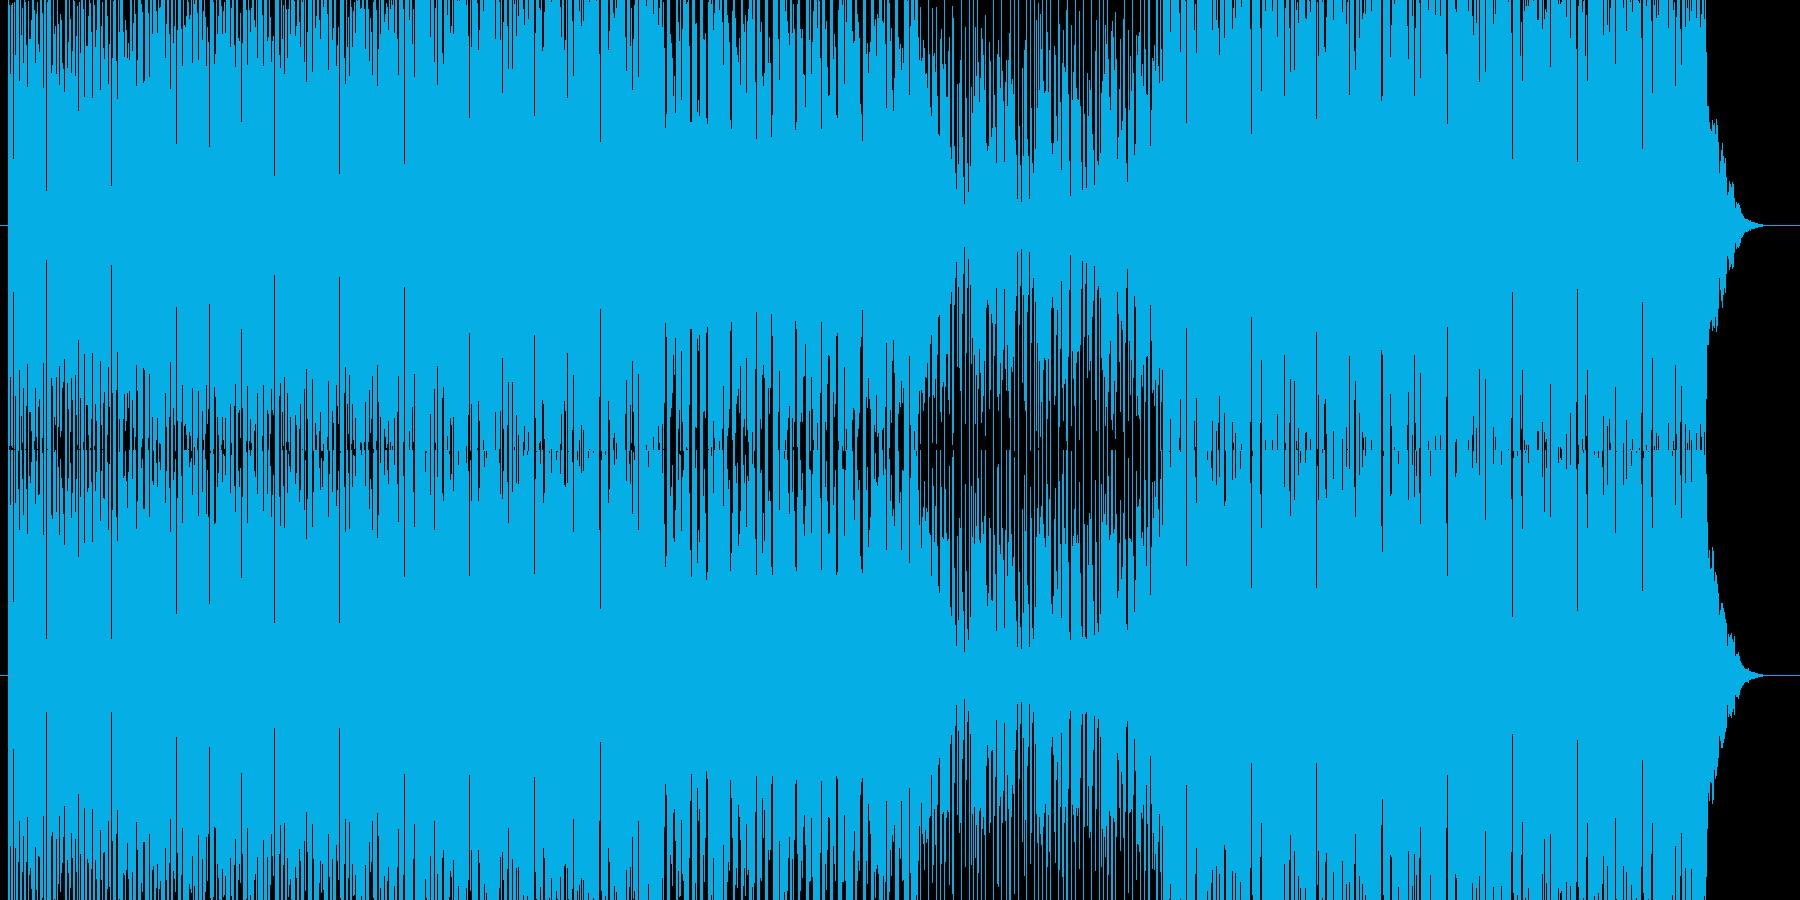 ノリノリなEDMテクノの再生済みの波形